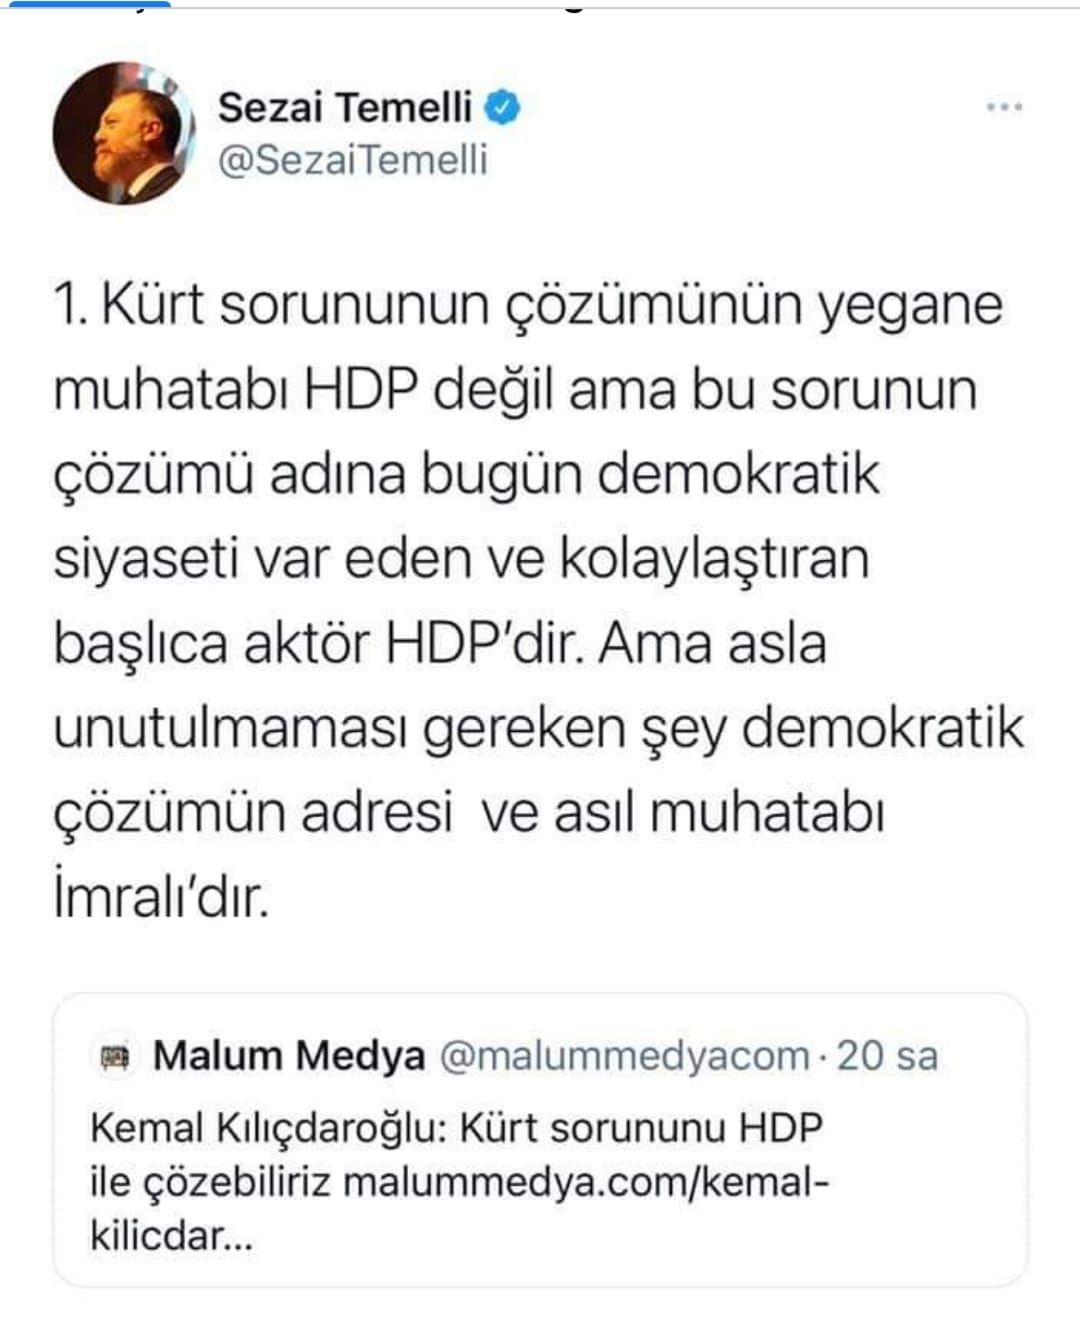 """Kılıçdaroğlu """"Kürt sorununu HDP ile çözeriz"""" diyor ve ilanı aşk ediyor. HDP ise """"Beni babamdan iste ki sana varayım"""" diyor"""